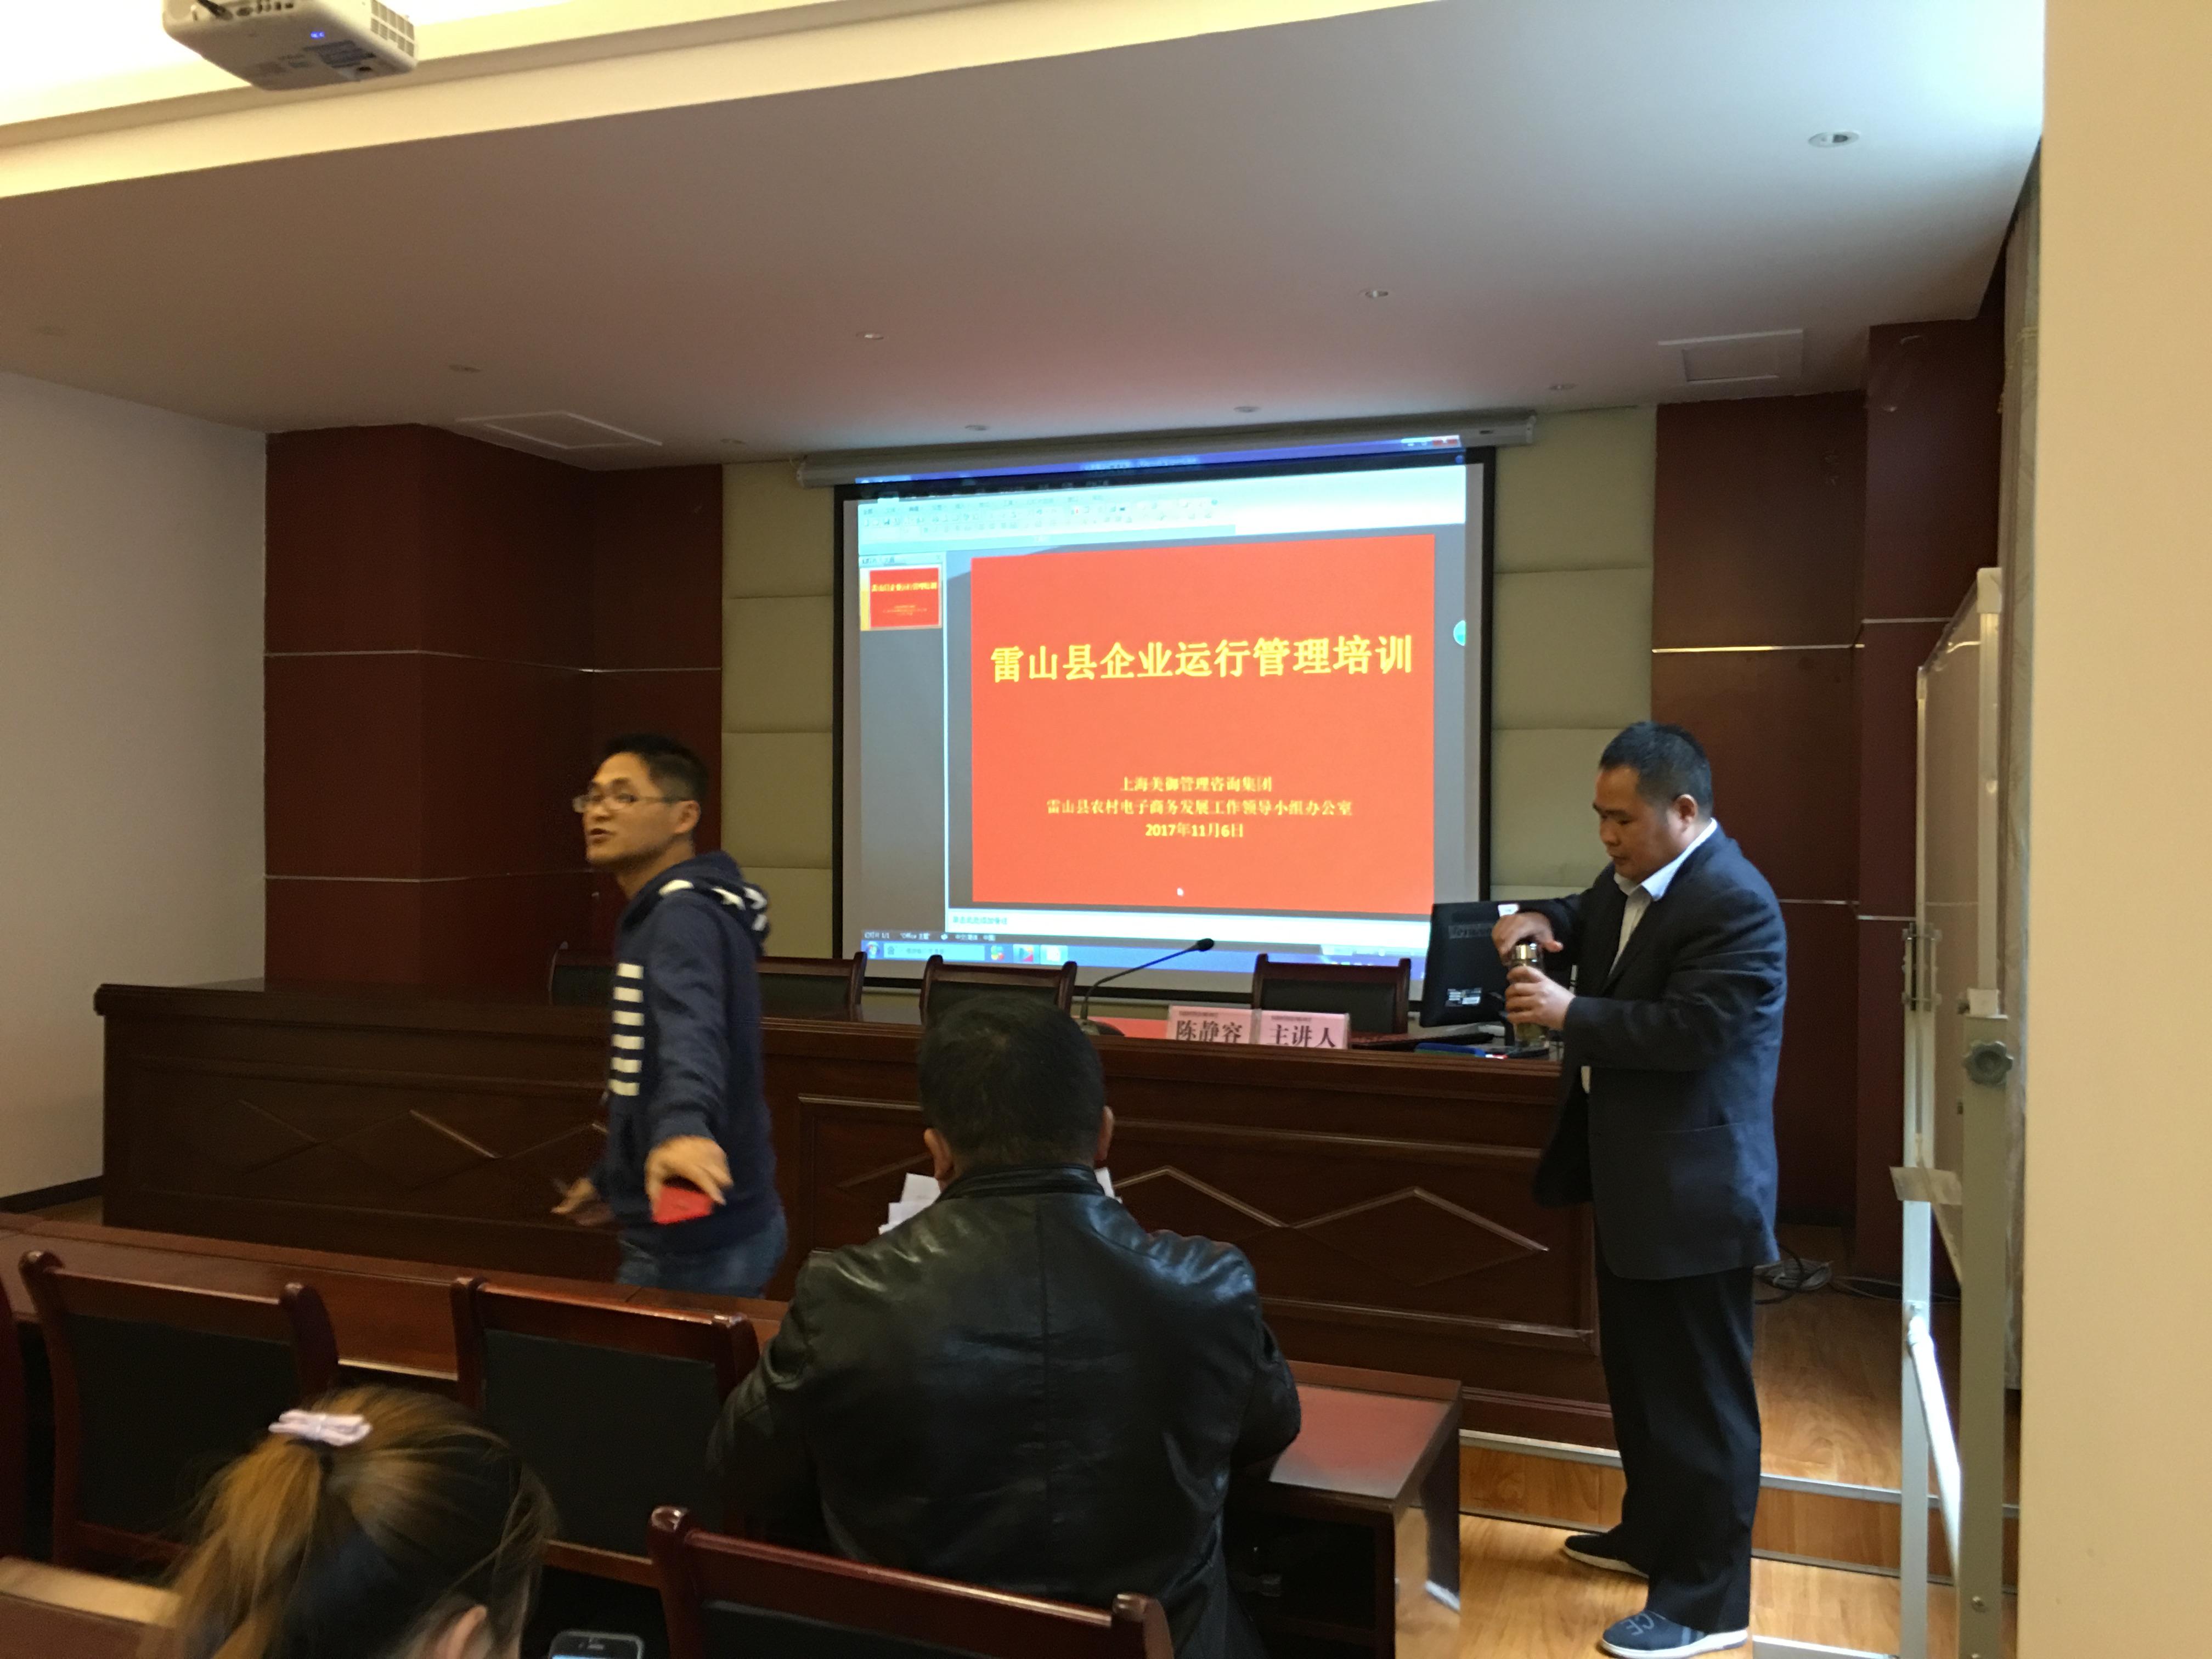 美御受邀为贵州雷山县作企业运营管理培训